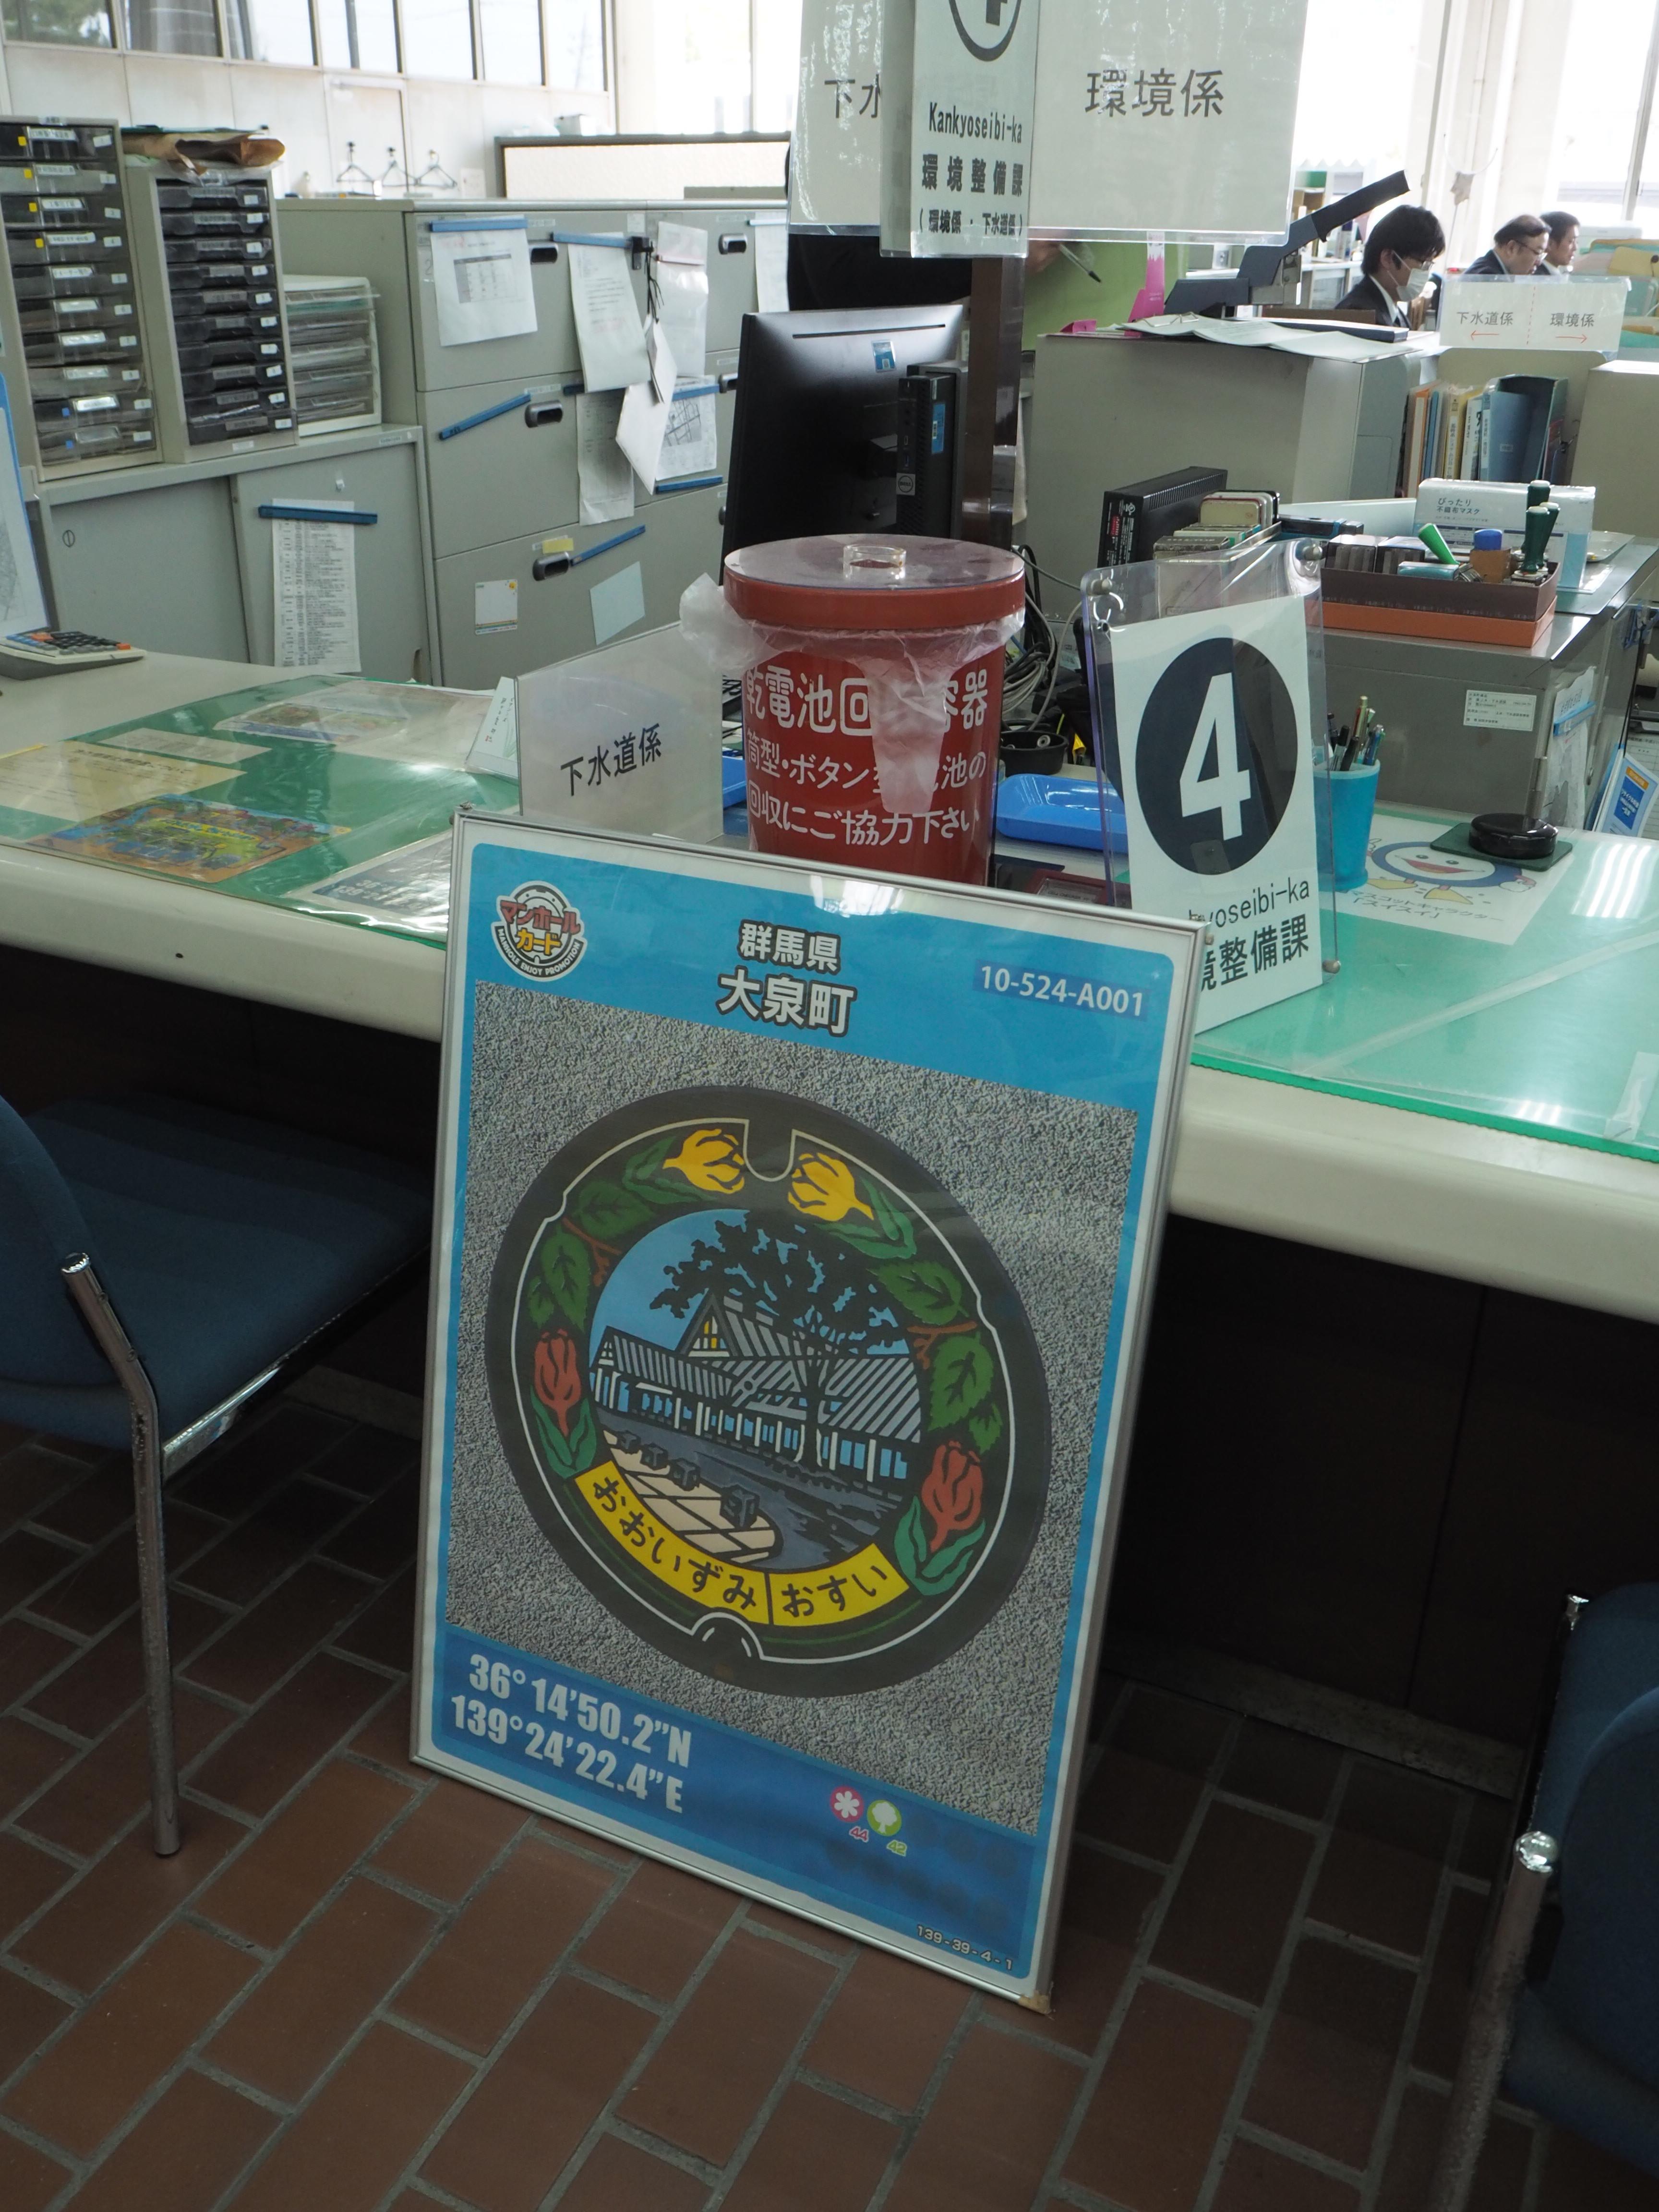 大泉町 マンホールカード